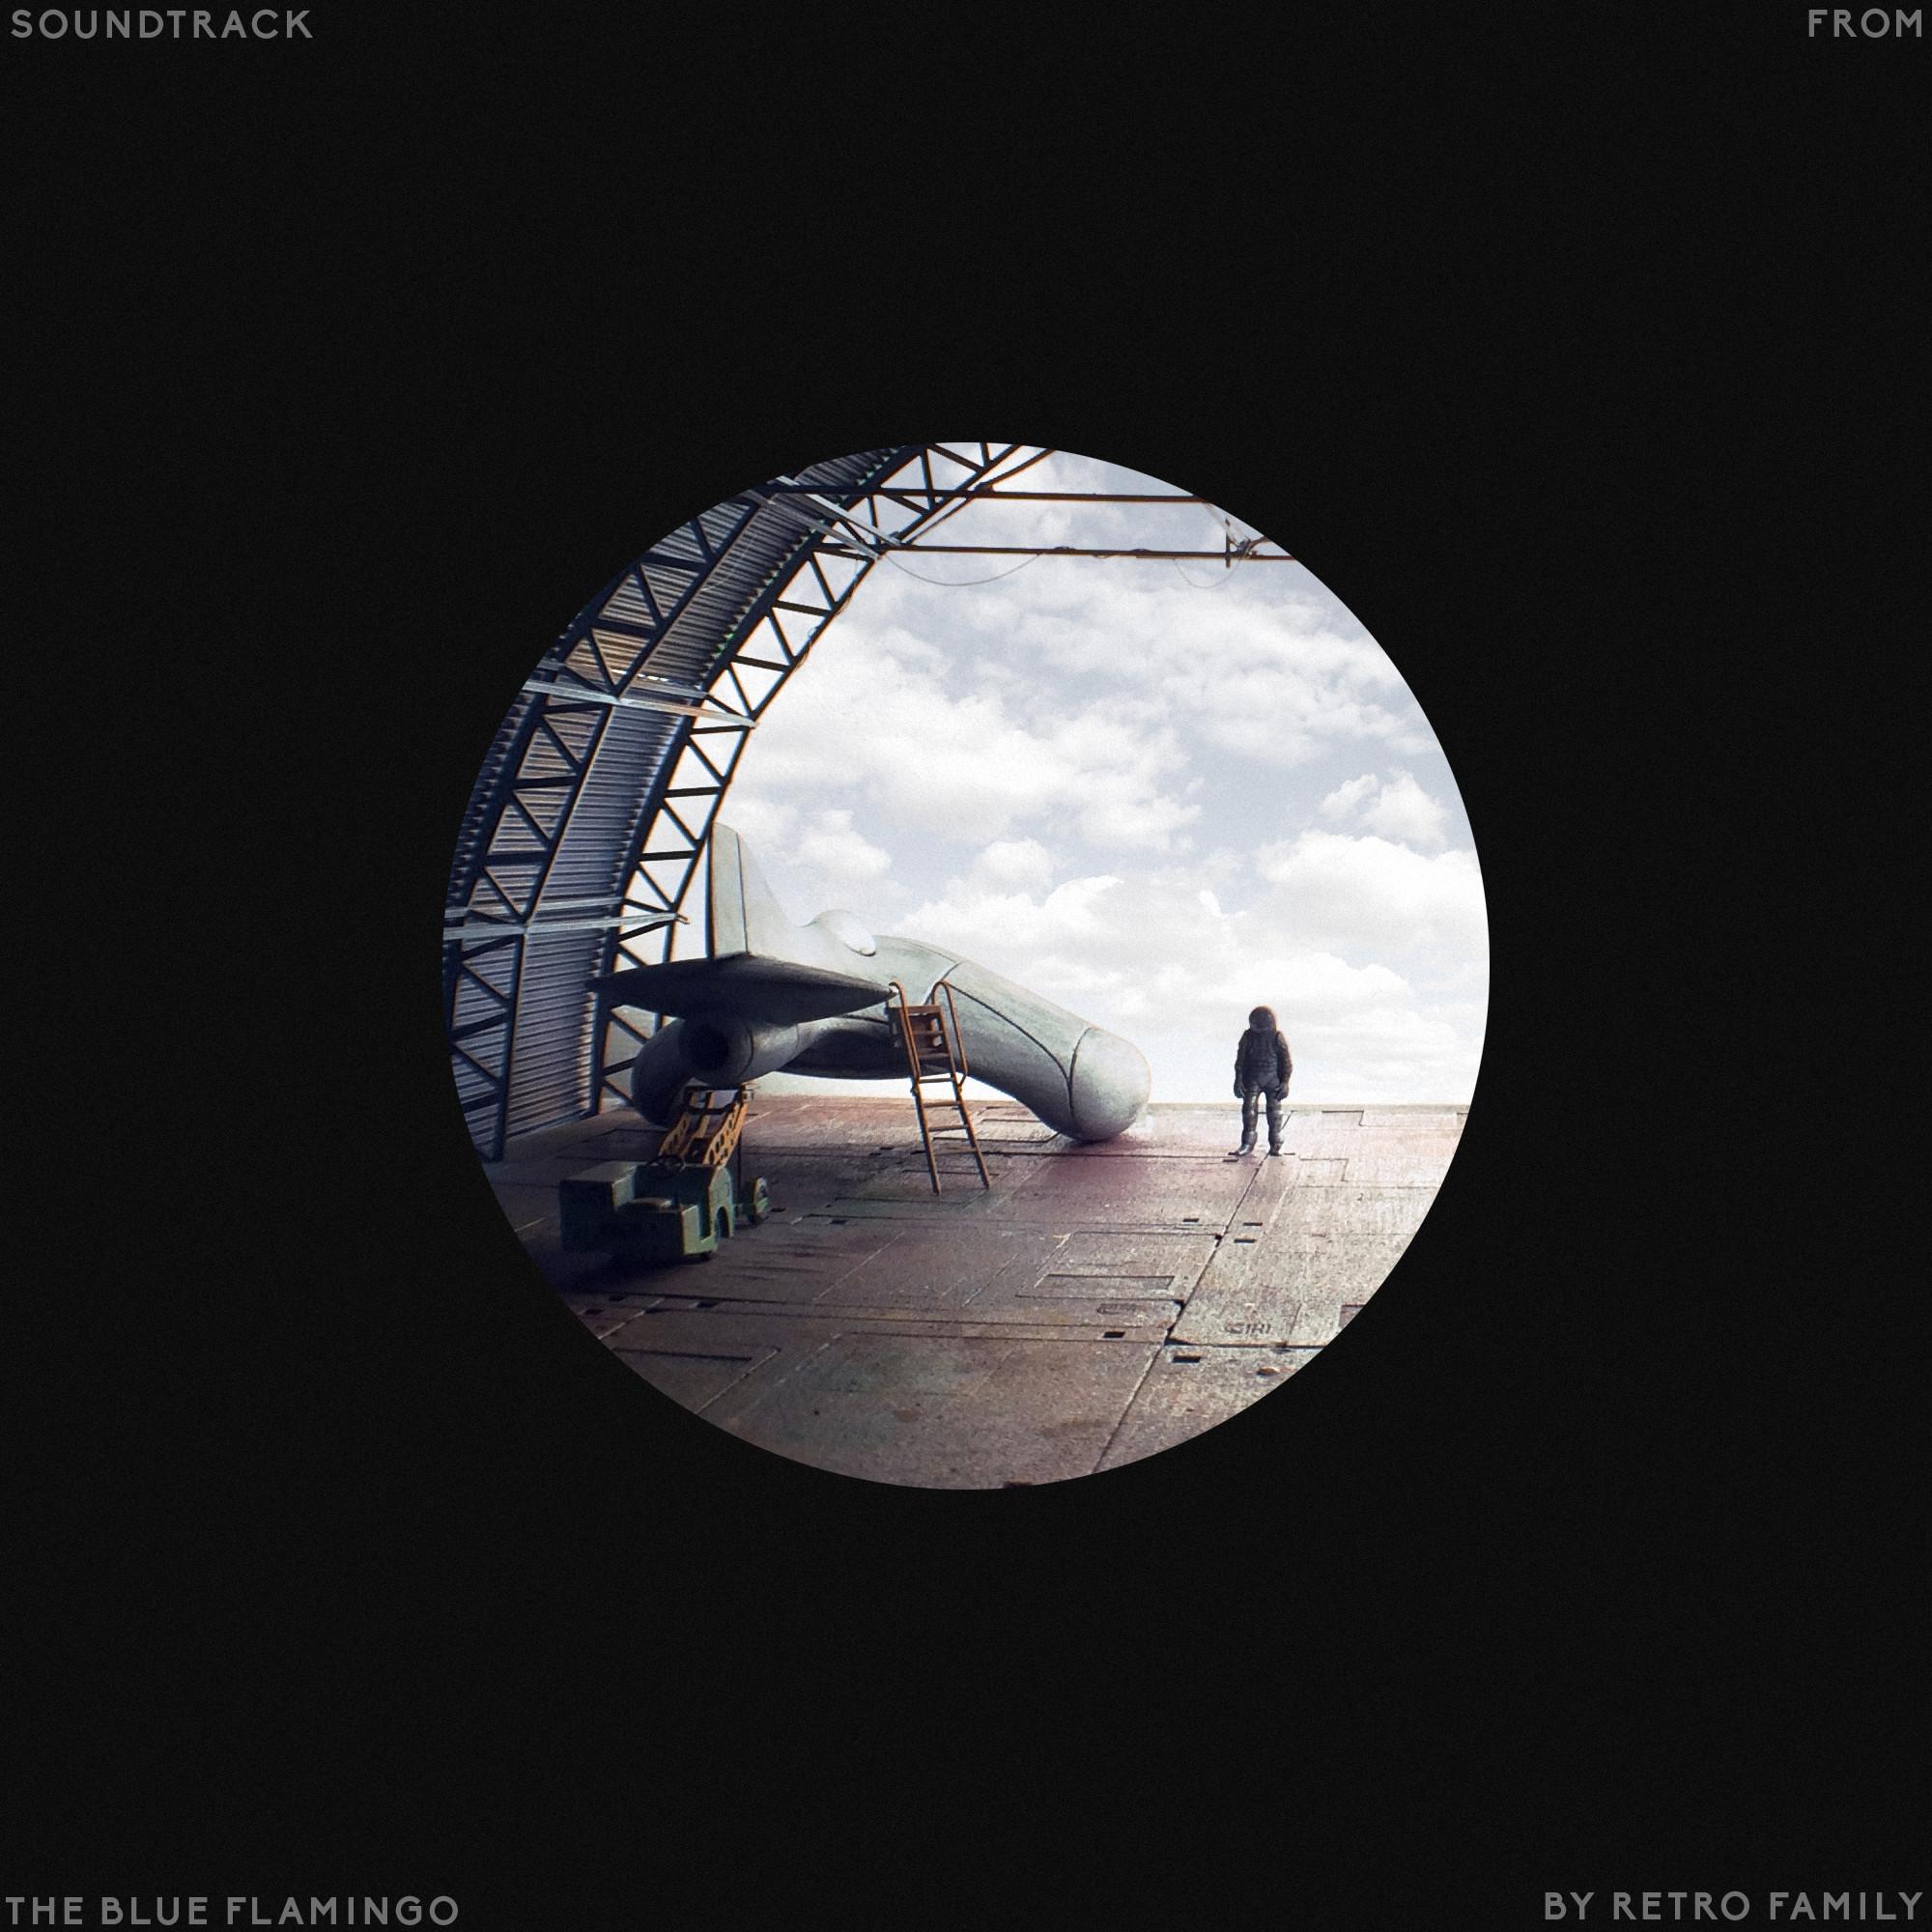 The Blue Flamingo Soundtrack screenshot